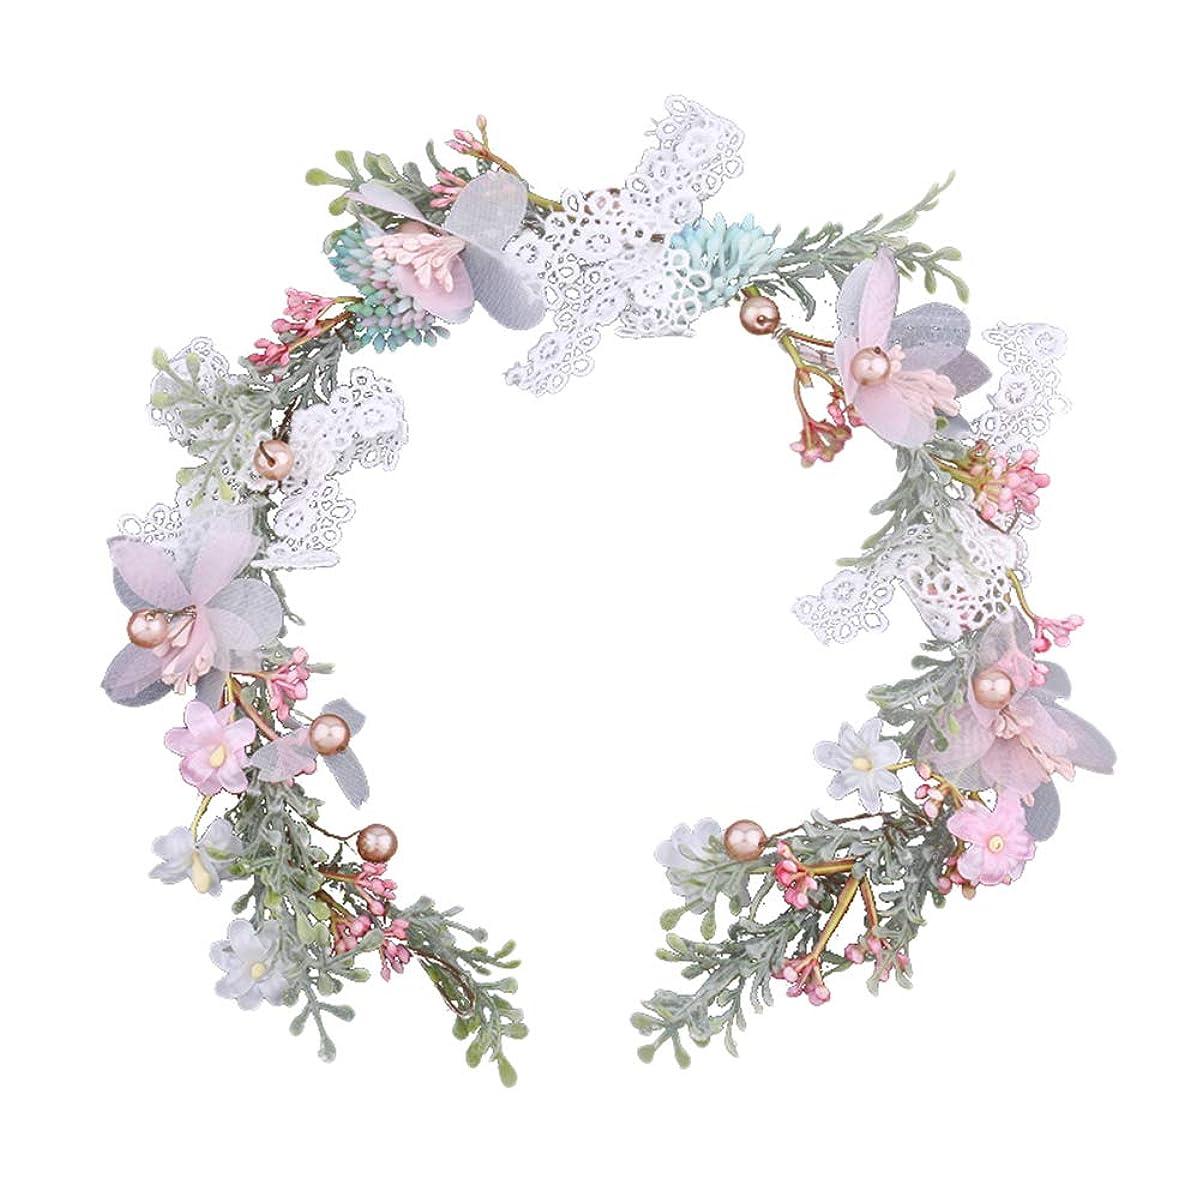 解任不純散歩Vosarea 花の髪の花輪ヘッドバンドのブライダルヘッドピースの女性の花嫁のためのヘッドアクセサリーの写真の小道具